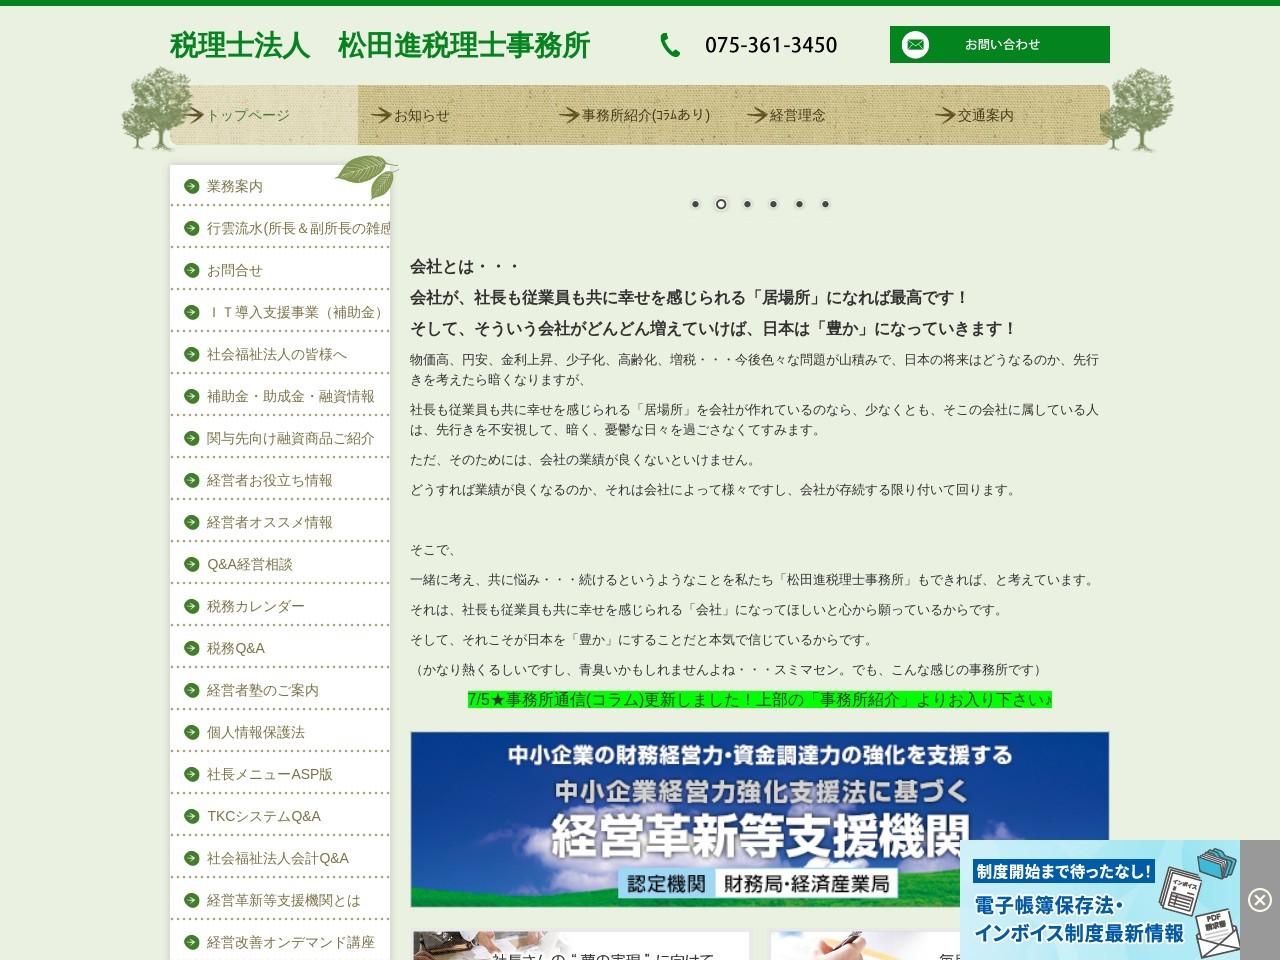 松田進税理士事務所